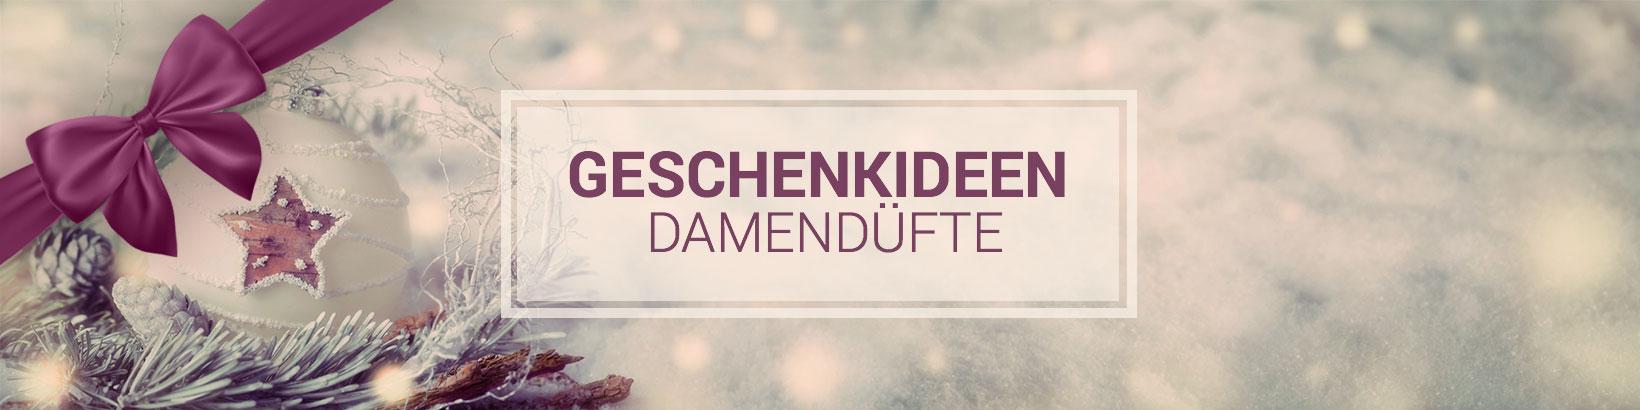 Visual-Weihnachent-Geschenke-Damen-Duefte-1640x410